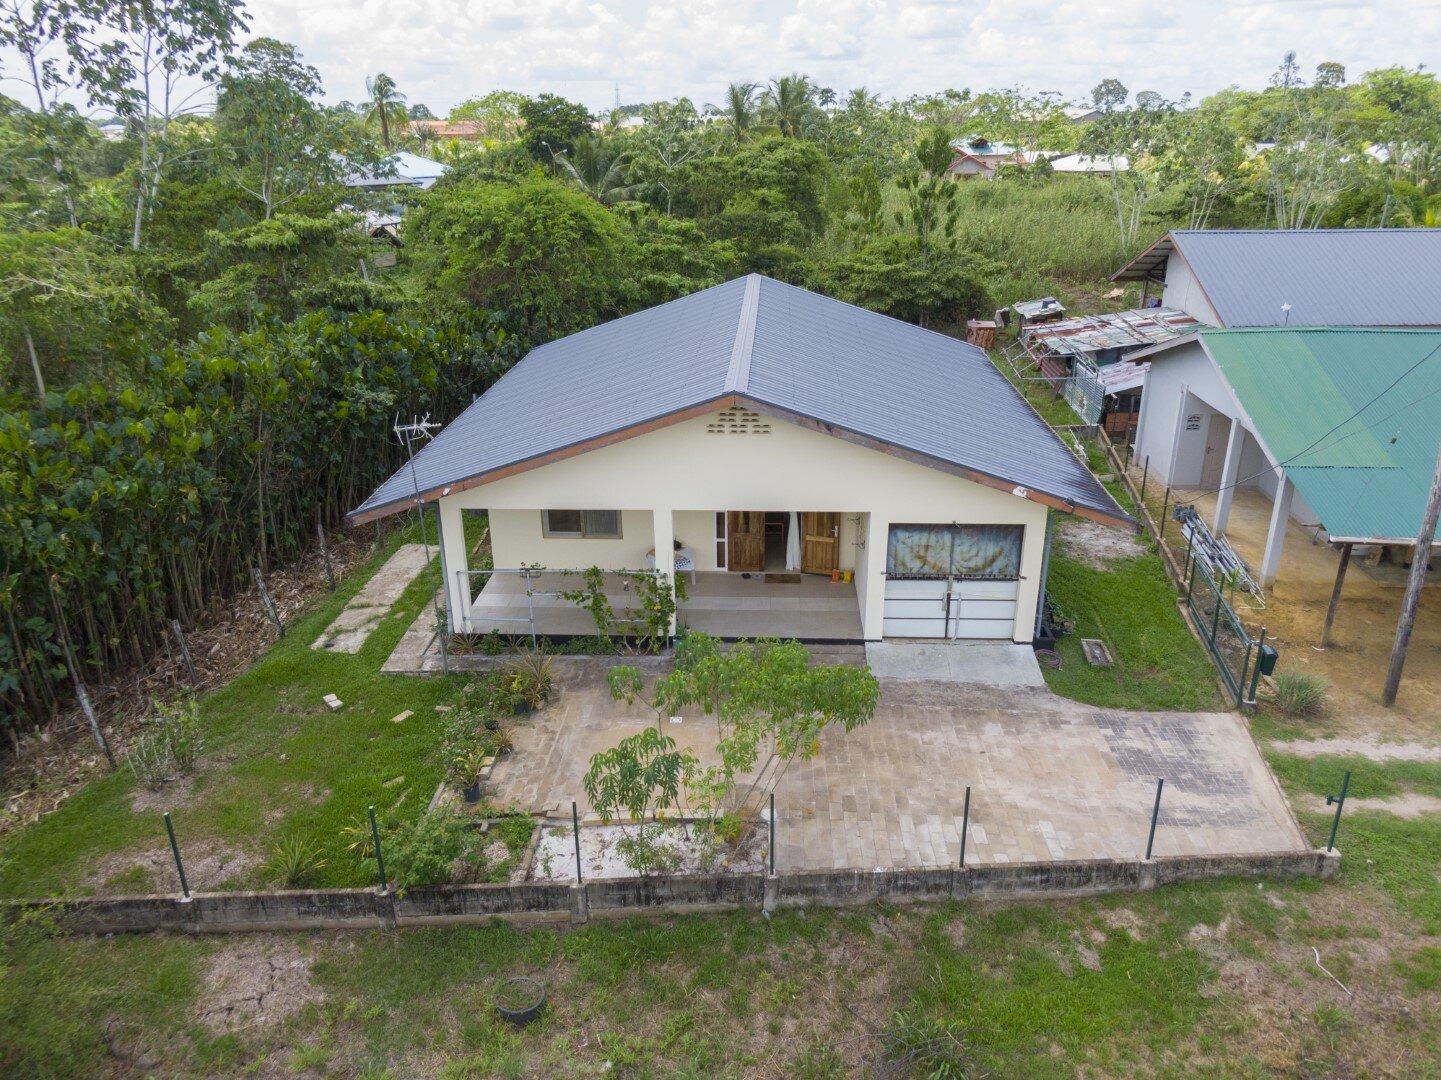 Agstantilaan 24b - Je eigen vrijstaande woning op Zuid? - Surgoed Makelaardij NV - Paramaribo, Suriname